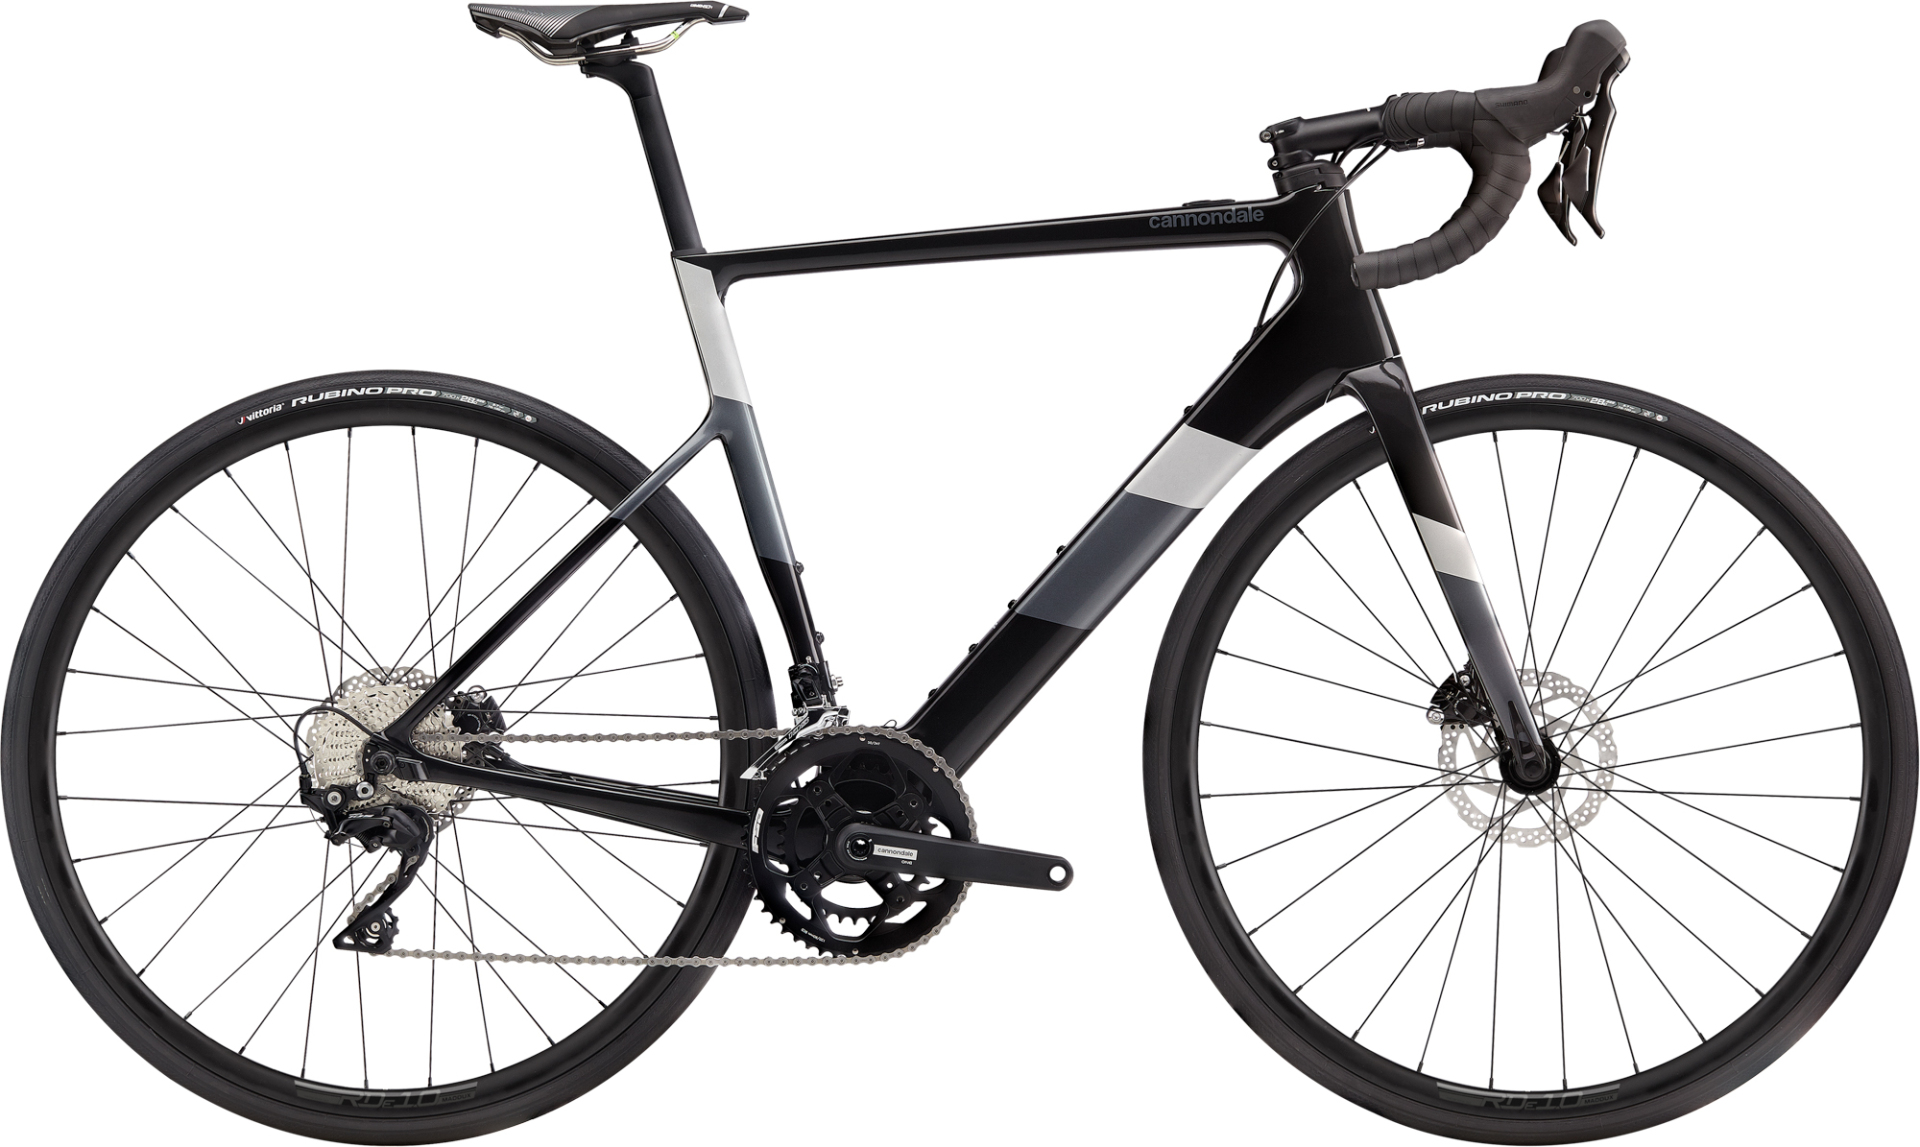 Cannondale Supersix Neo 3 országúti pedelec kerékpár - fekete - M (2020)